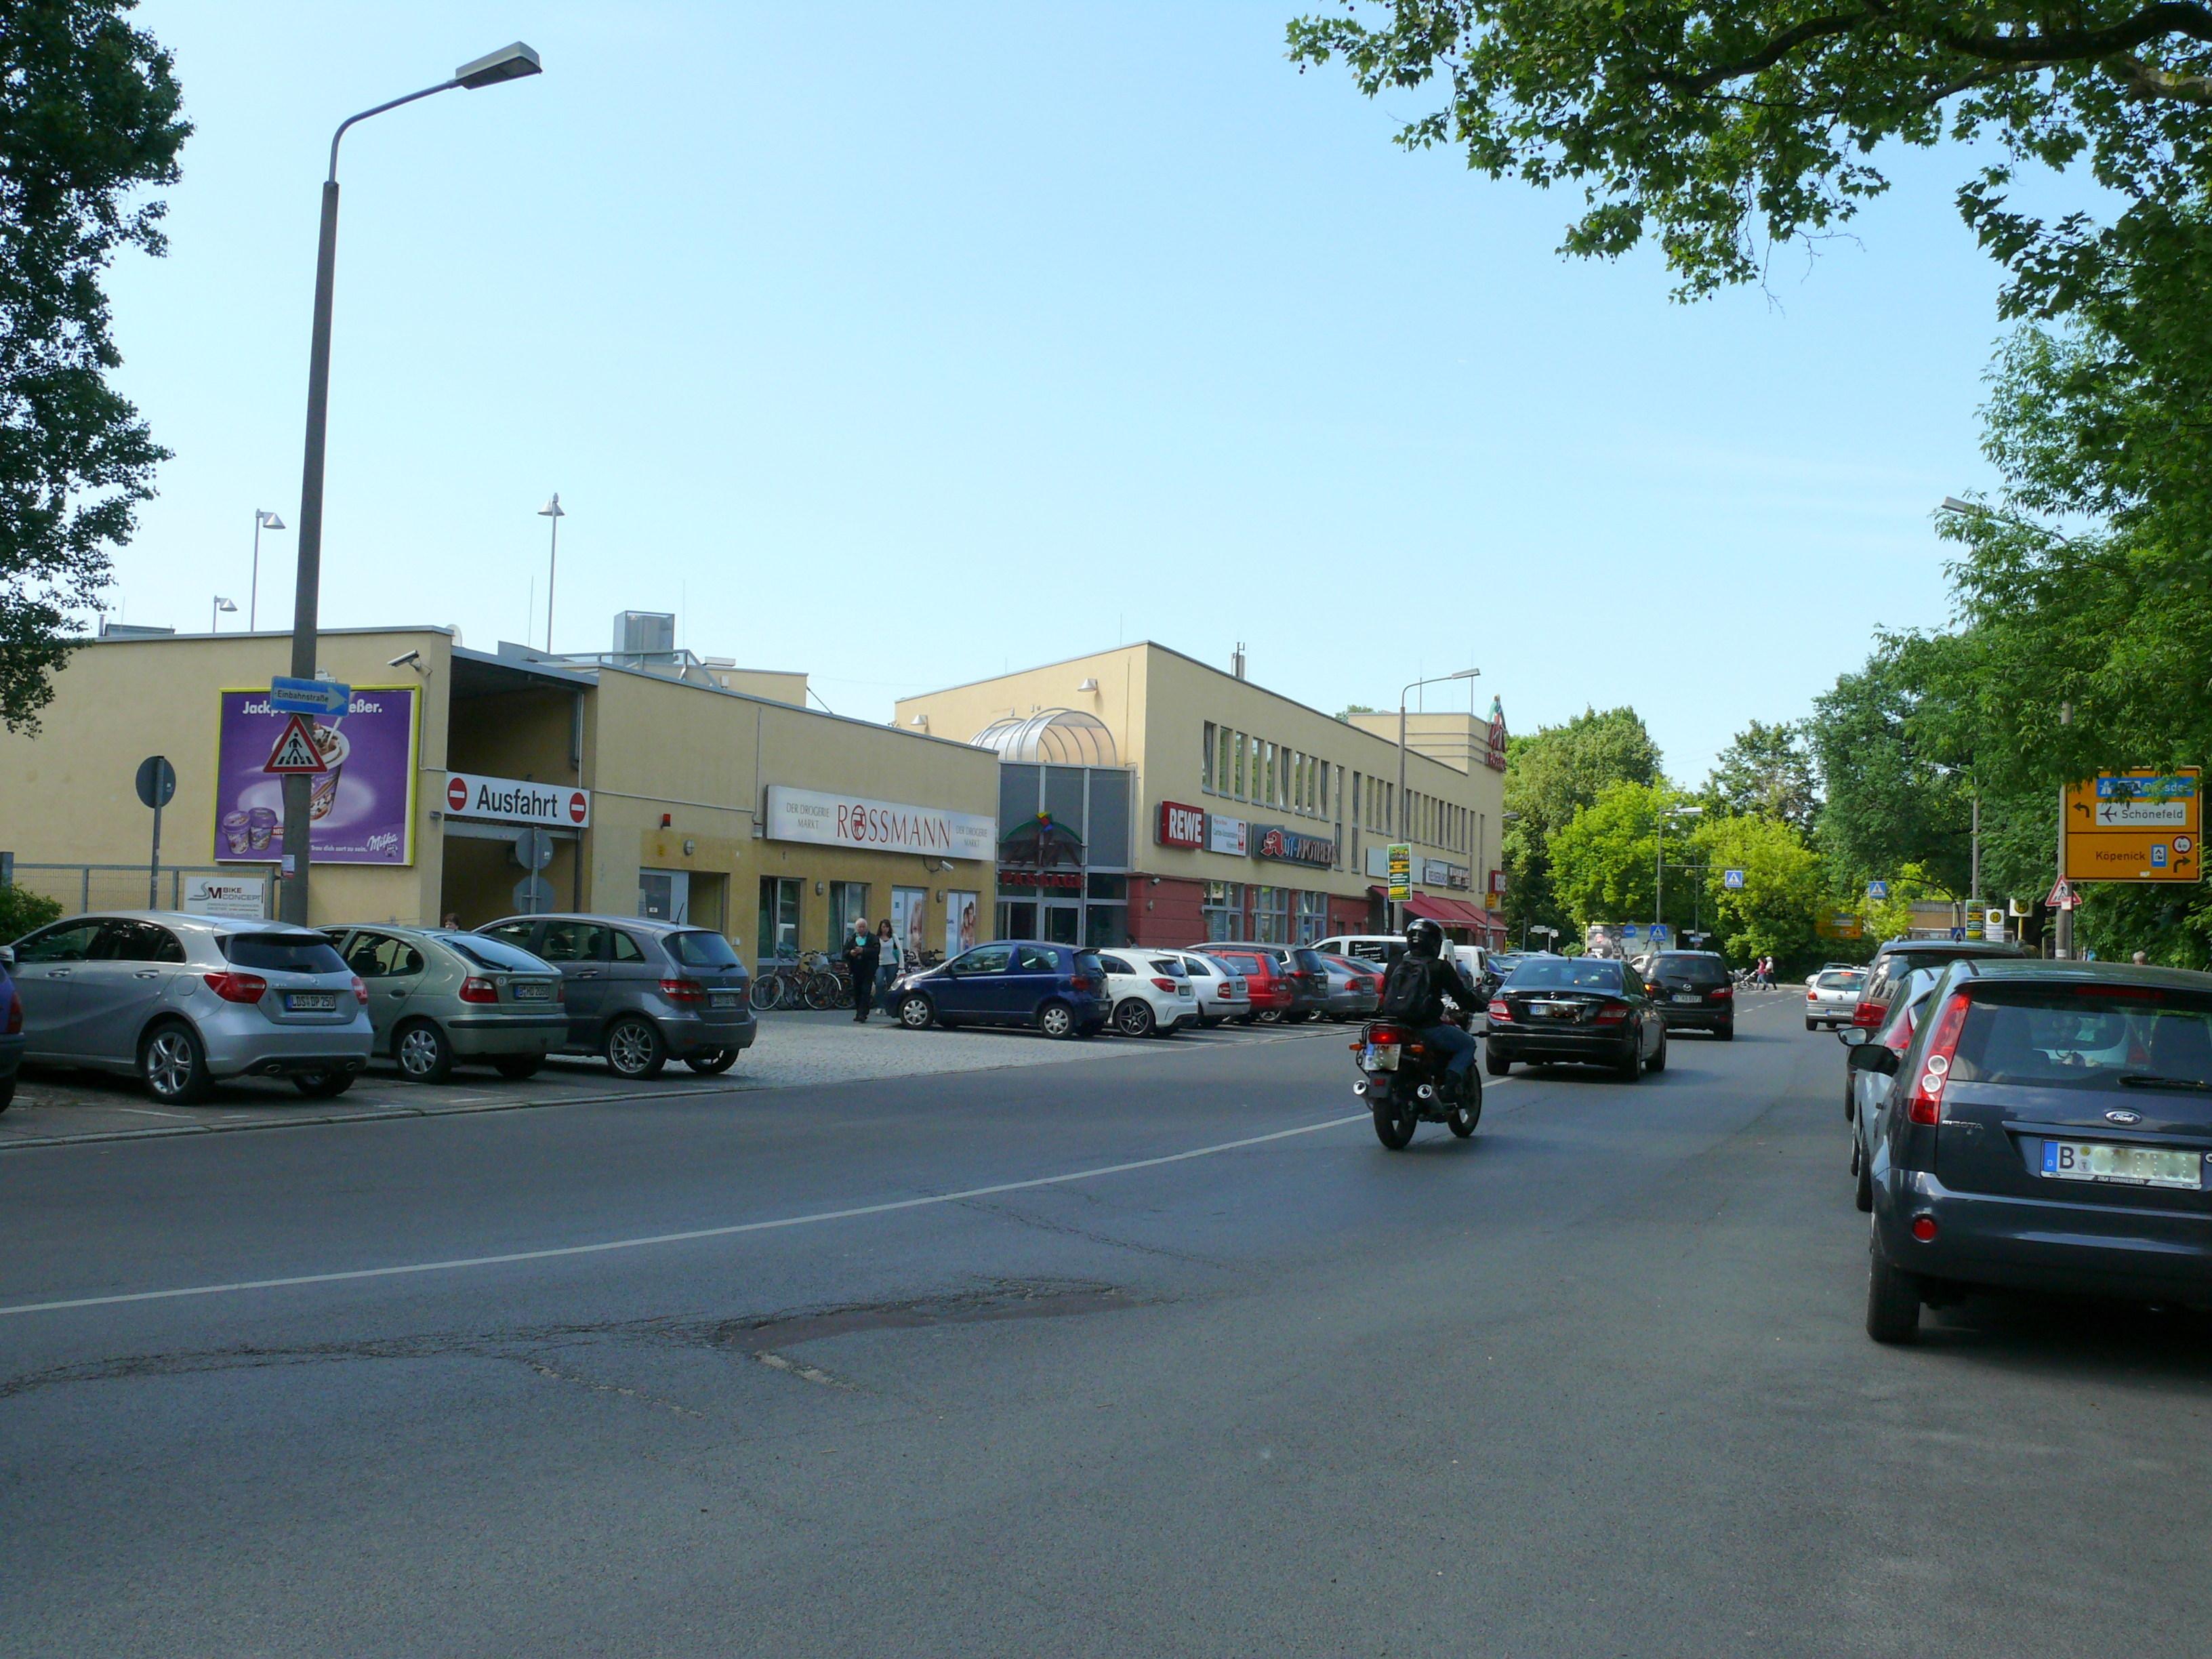 Richterstraße